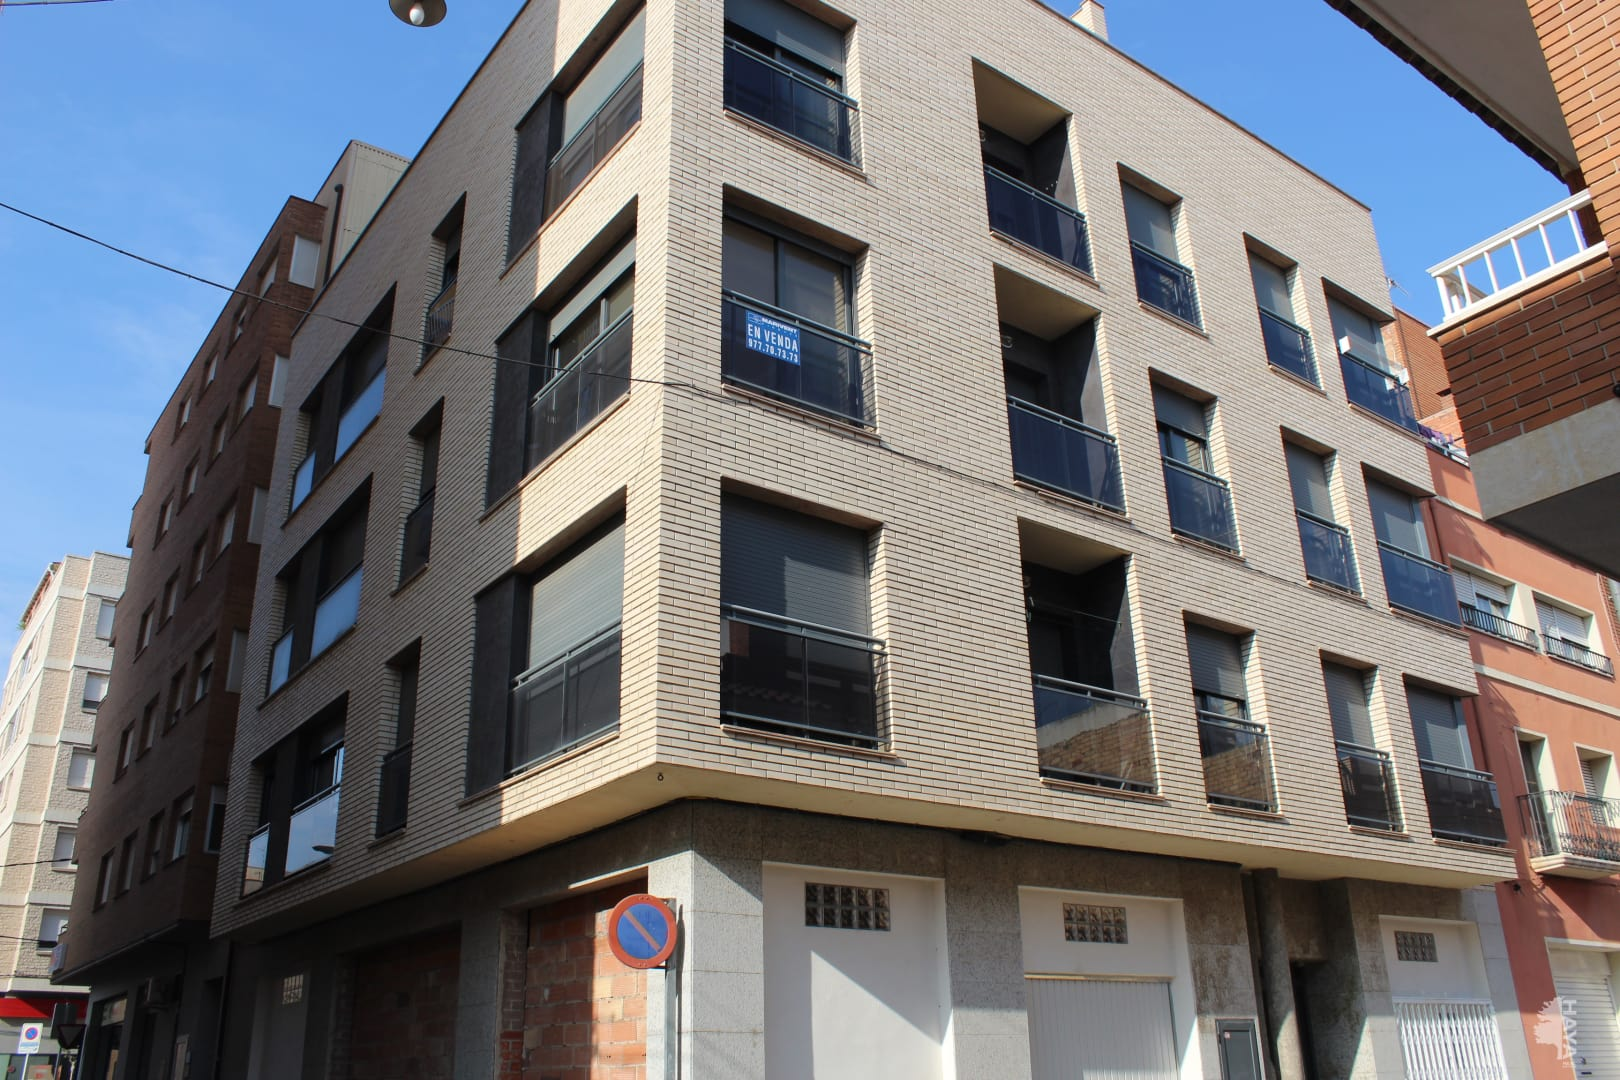 Piso en venta en Amposta, Tarragona, Calle Alacant, 55.266 €, 2 habitaciones, 1 baño, 62 m2